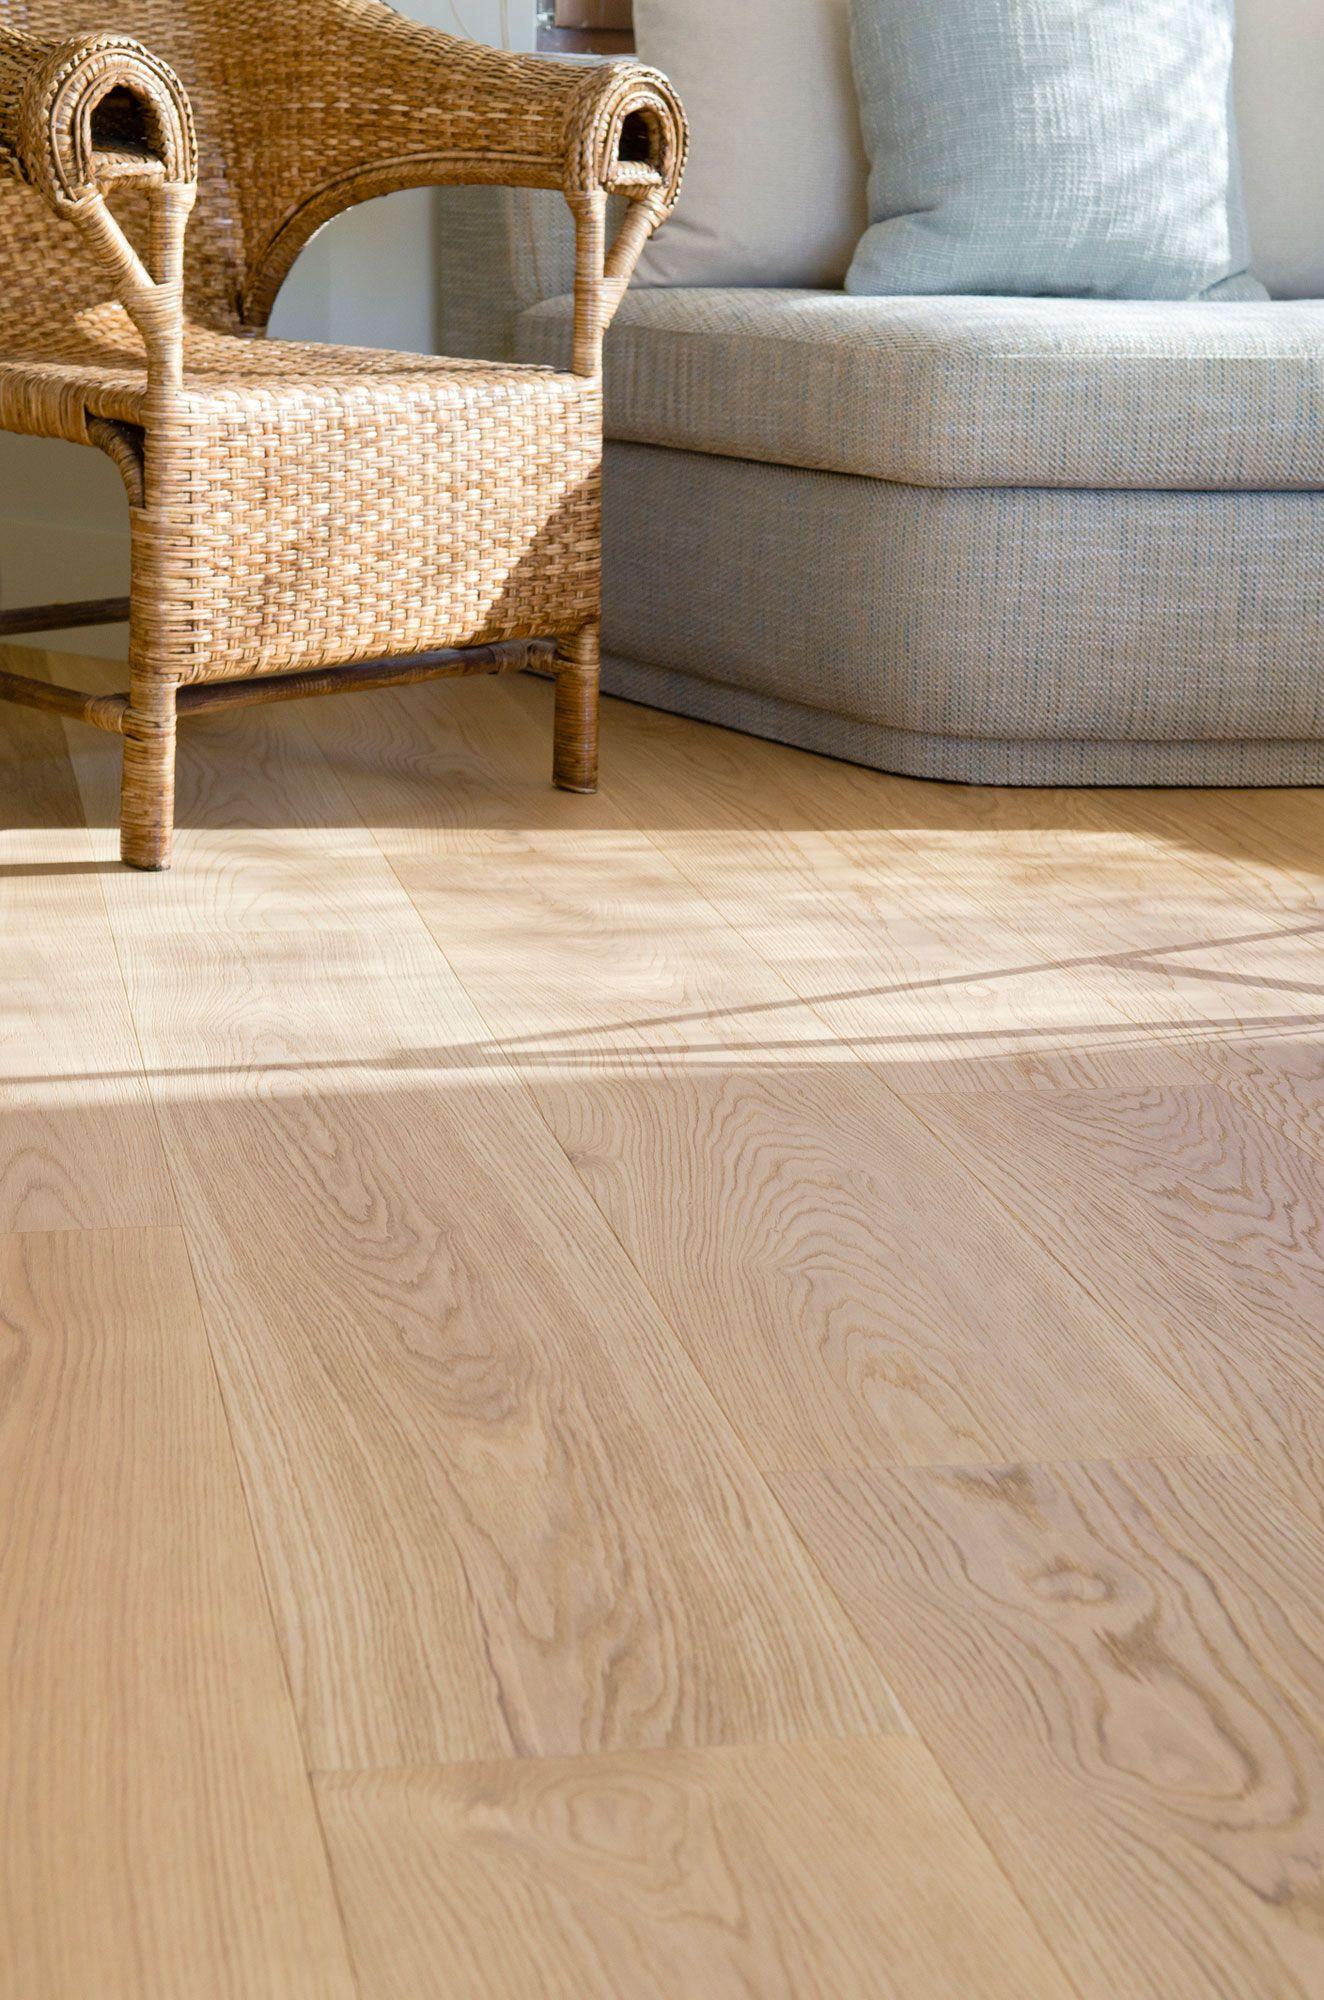 Eliminar crujidos en suelo de madera